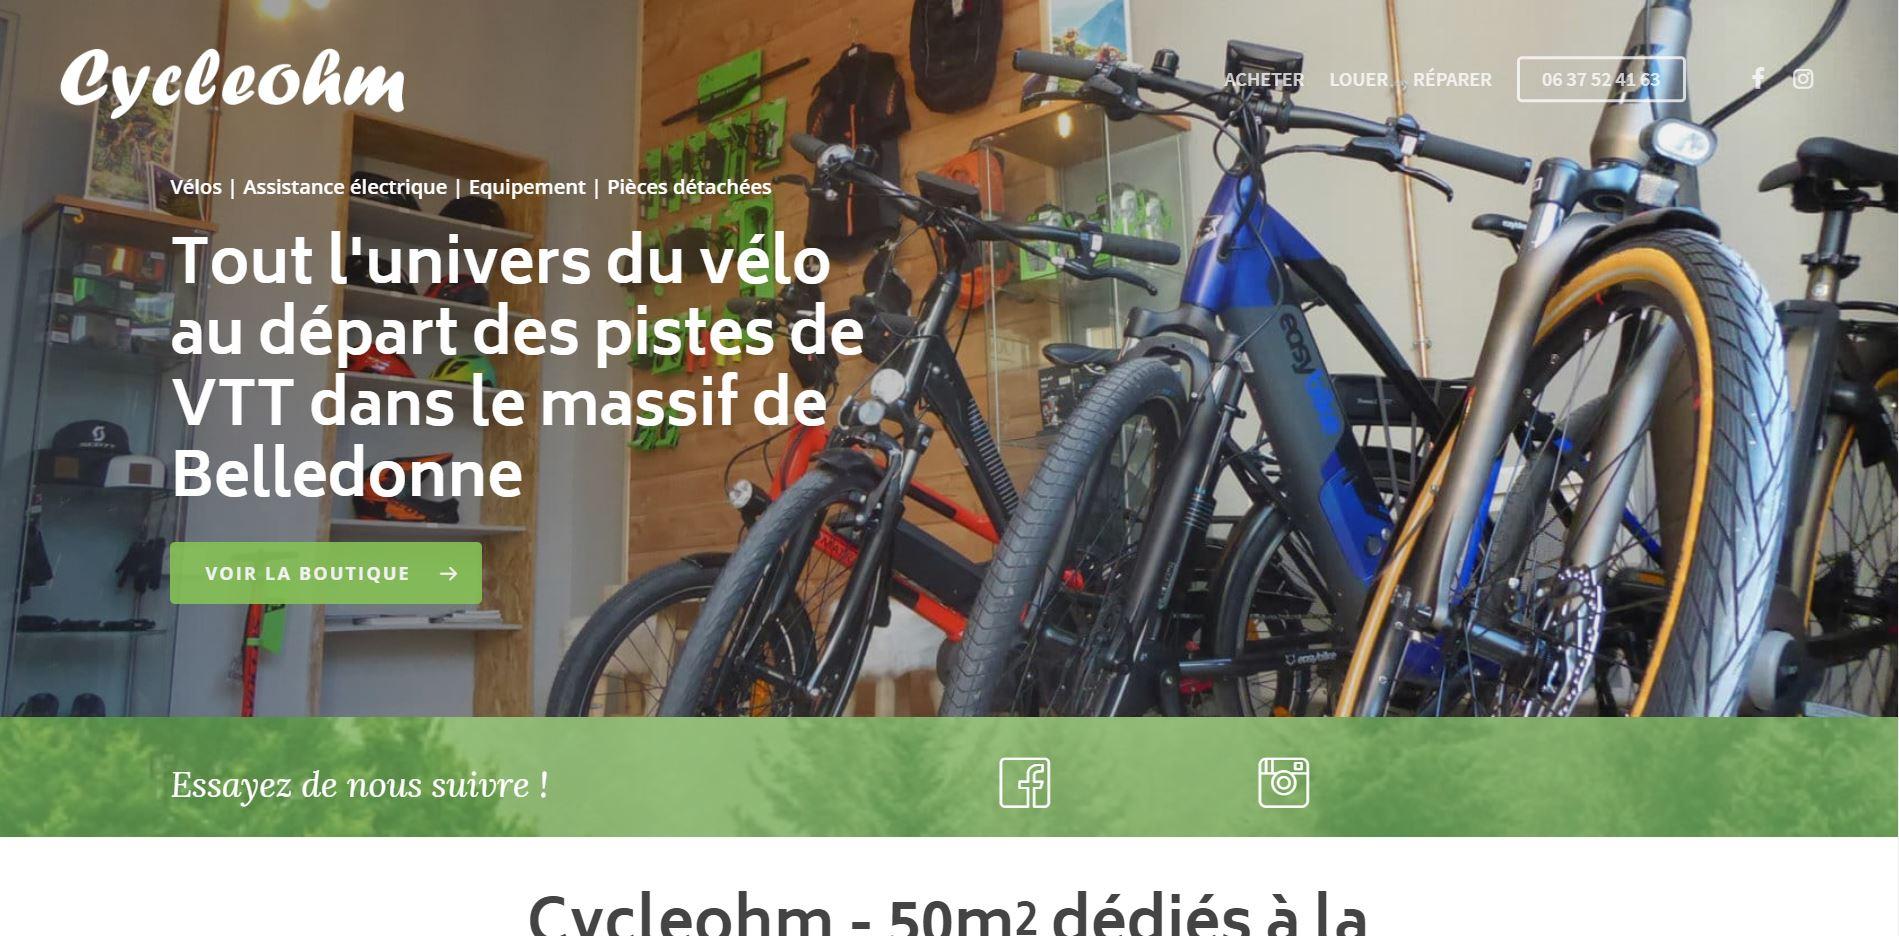 Cycleohm